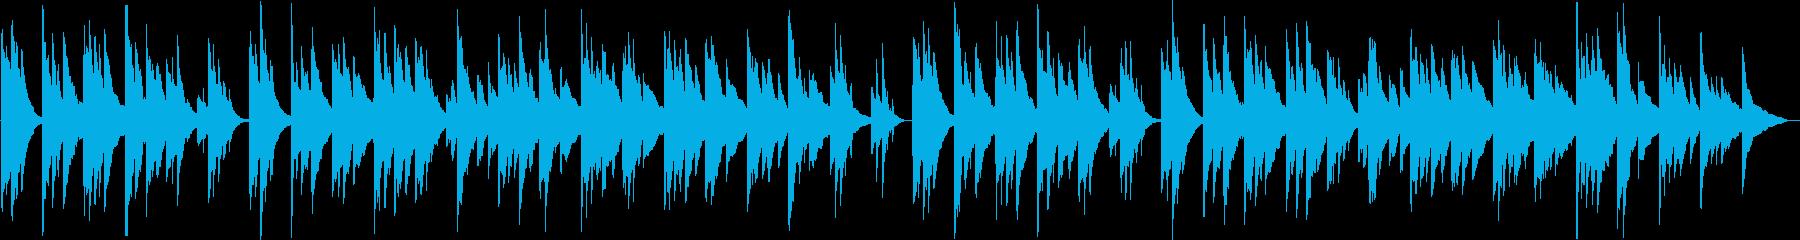 寂しく切ないシンセサイザーサウンドの再生済みの波形